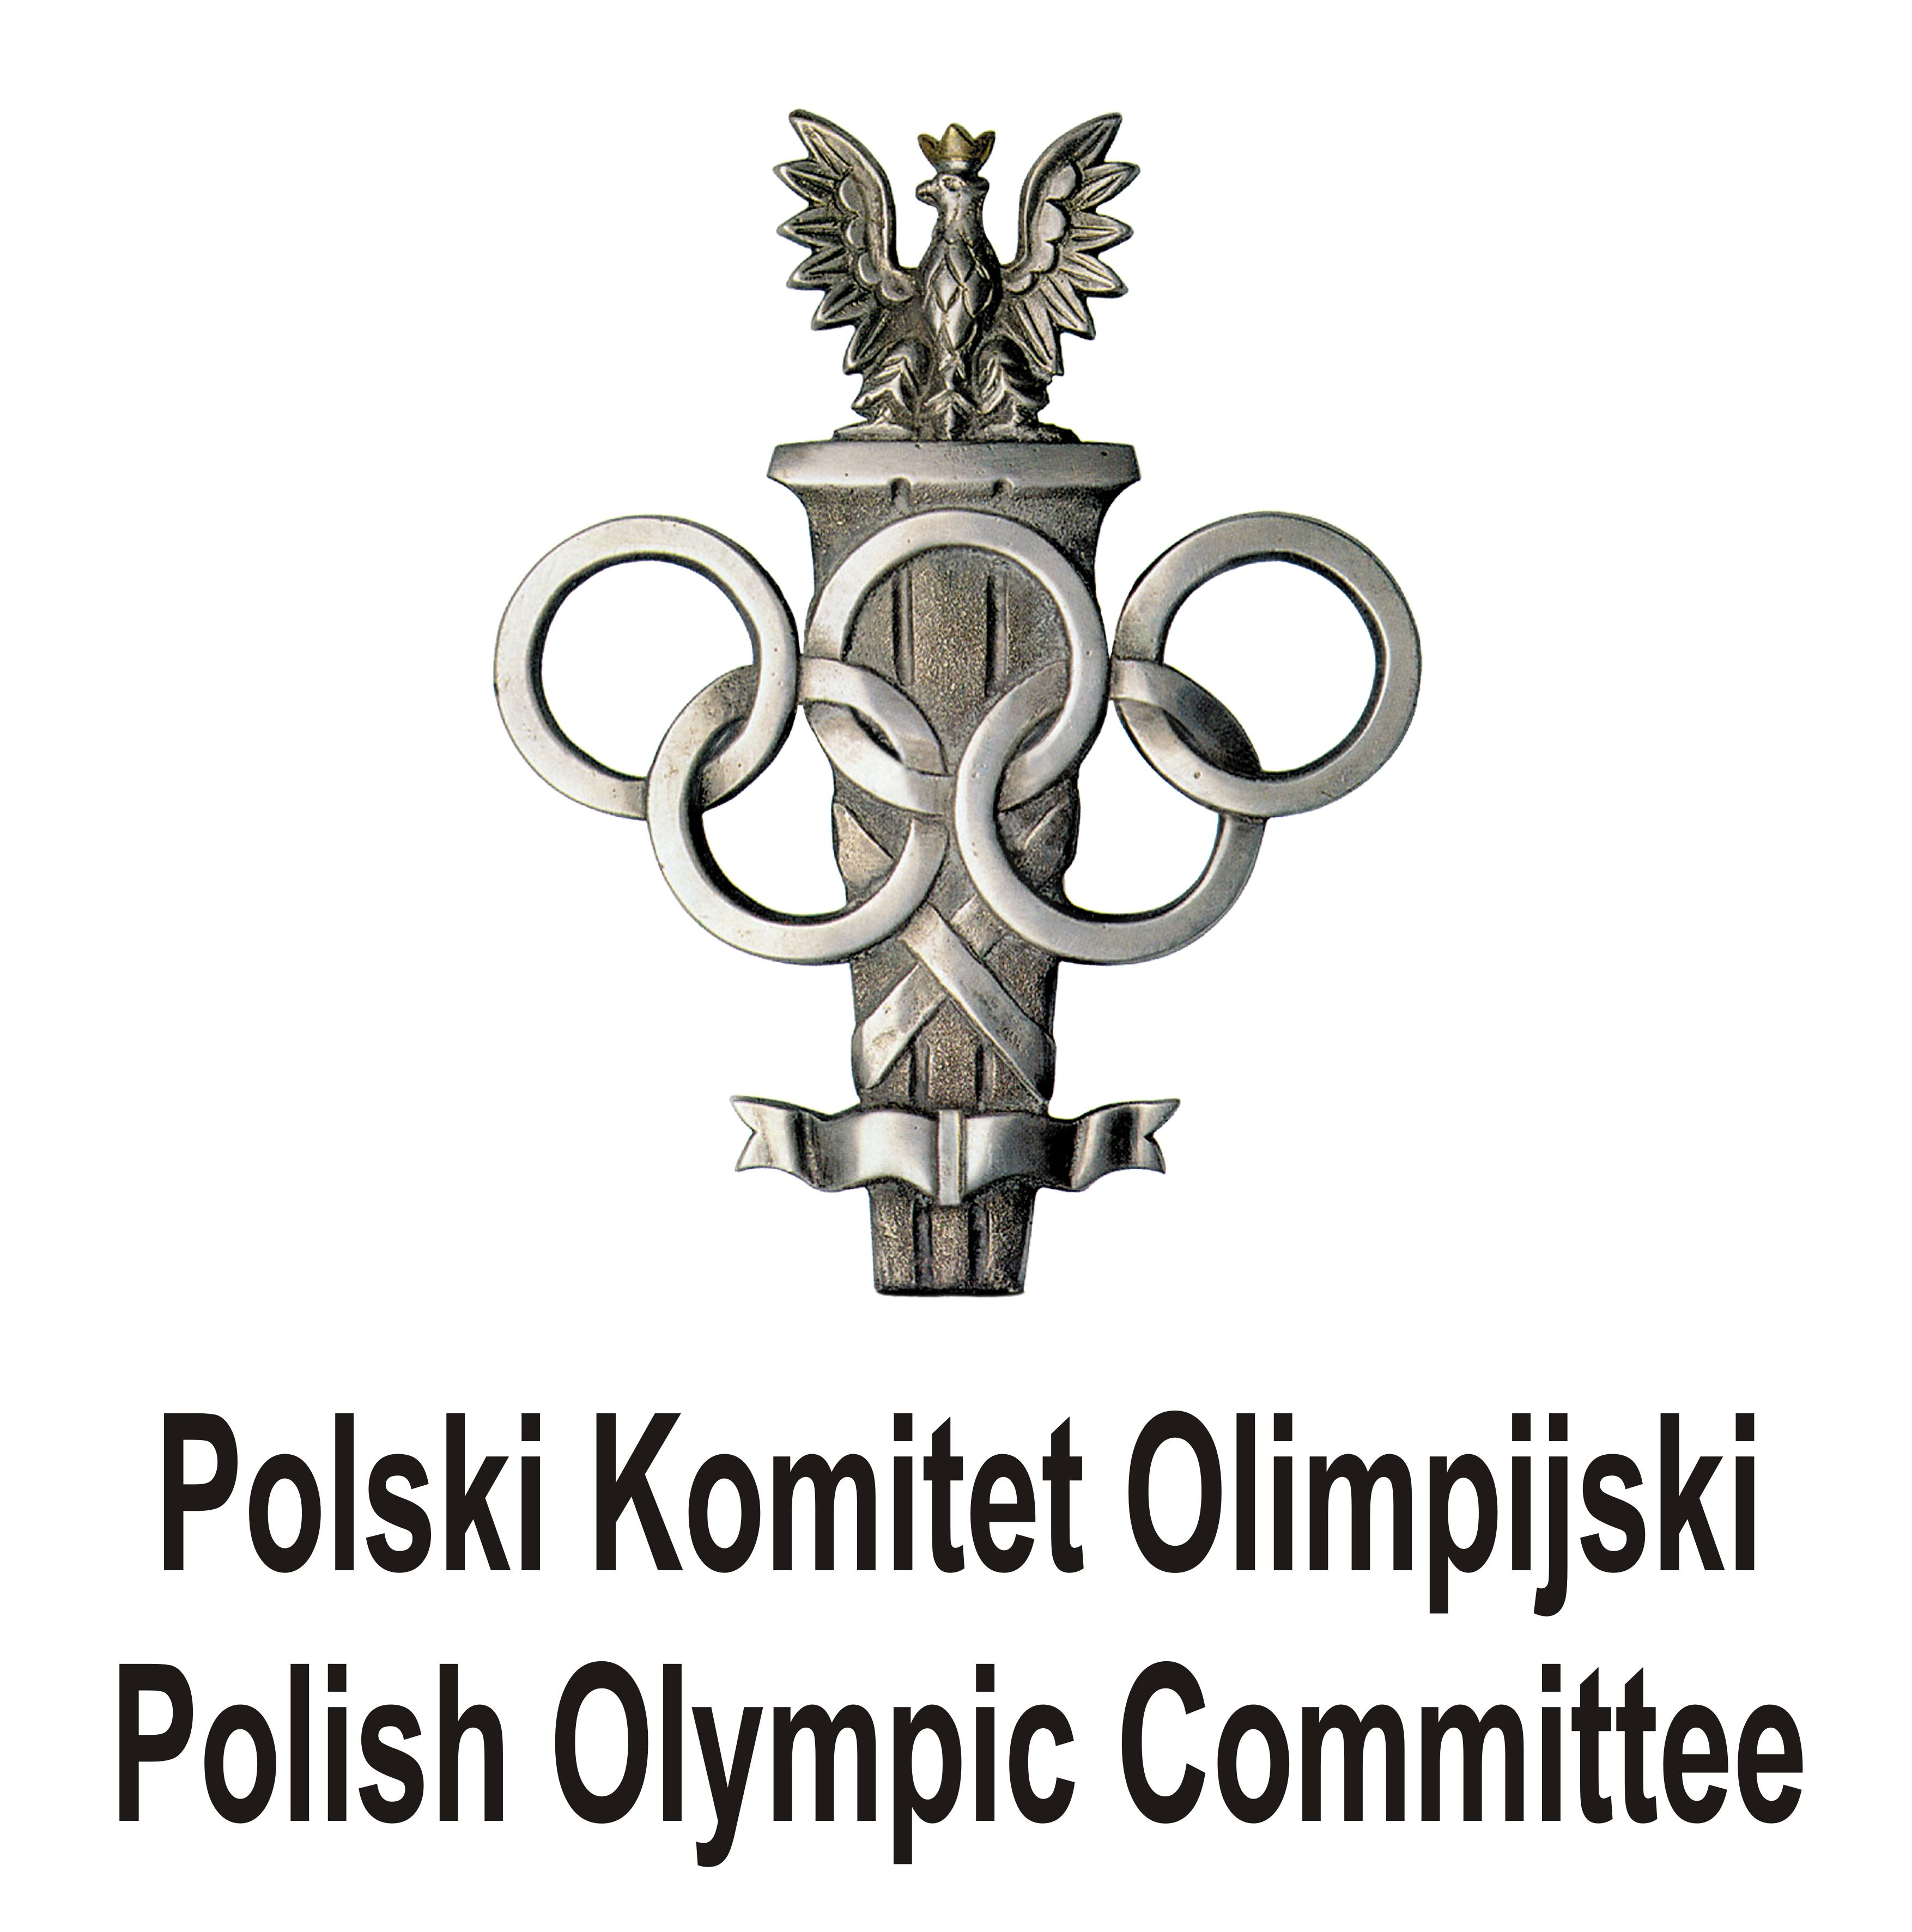 PKOL-poprawka